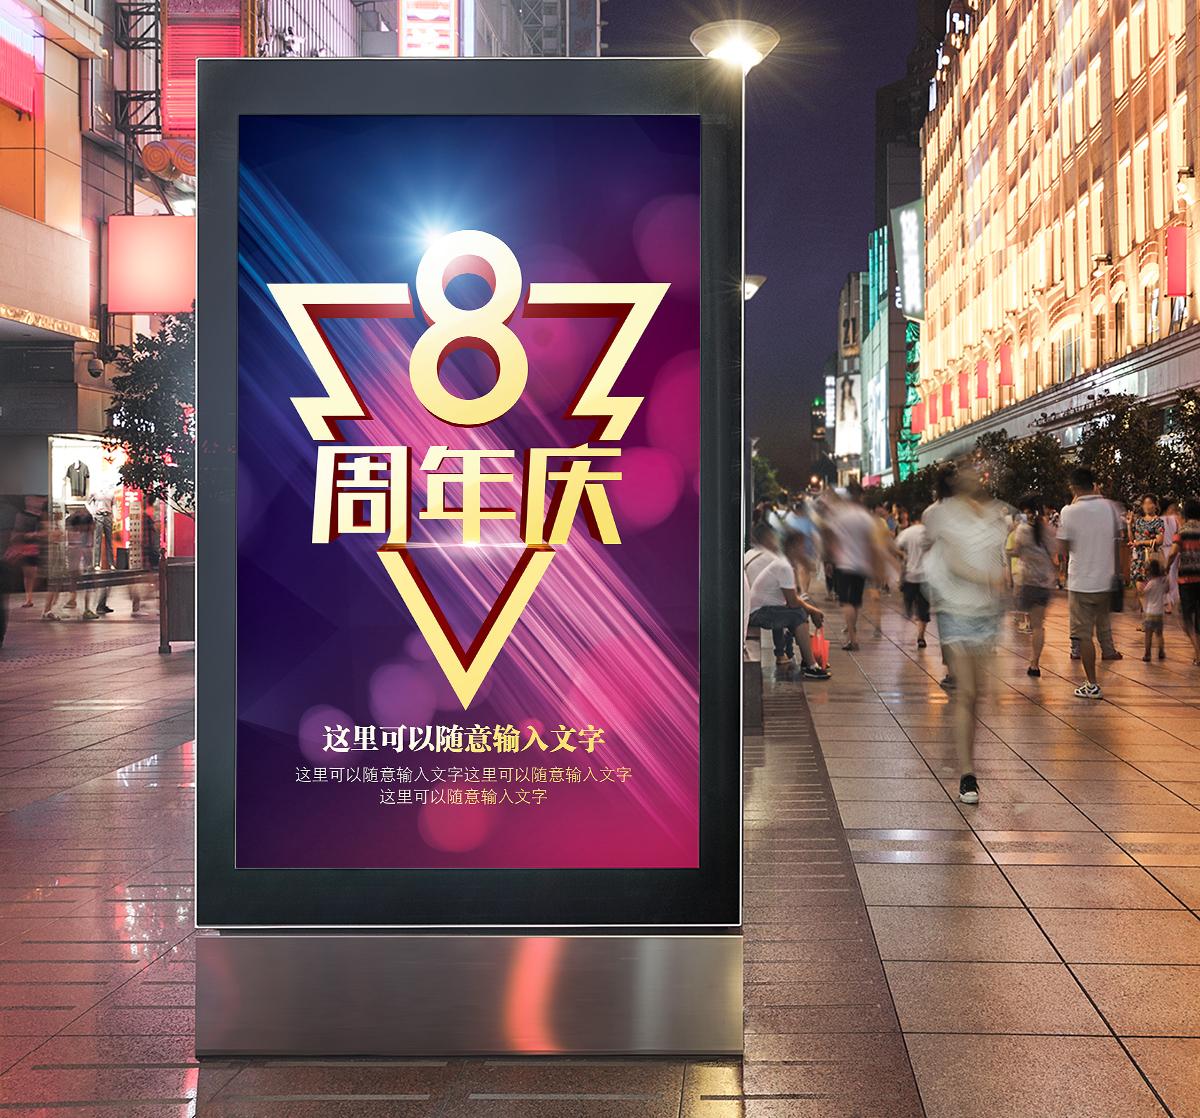 8周年店庆 PSD模板源文件下载